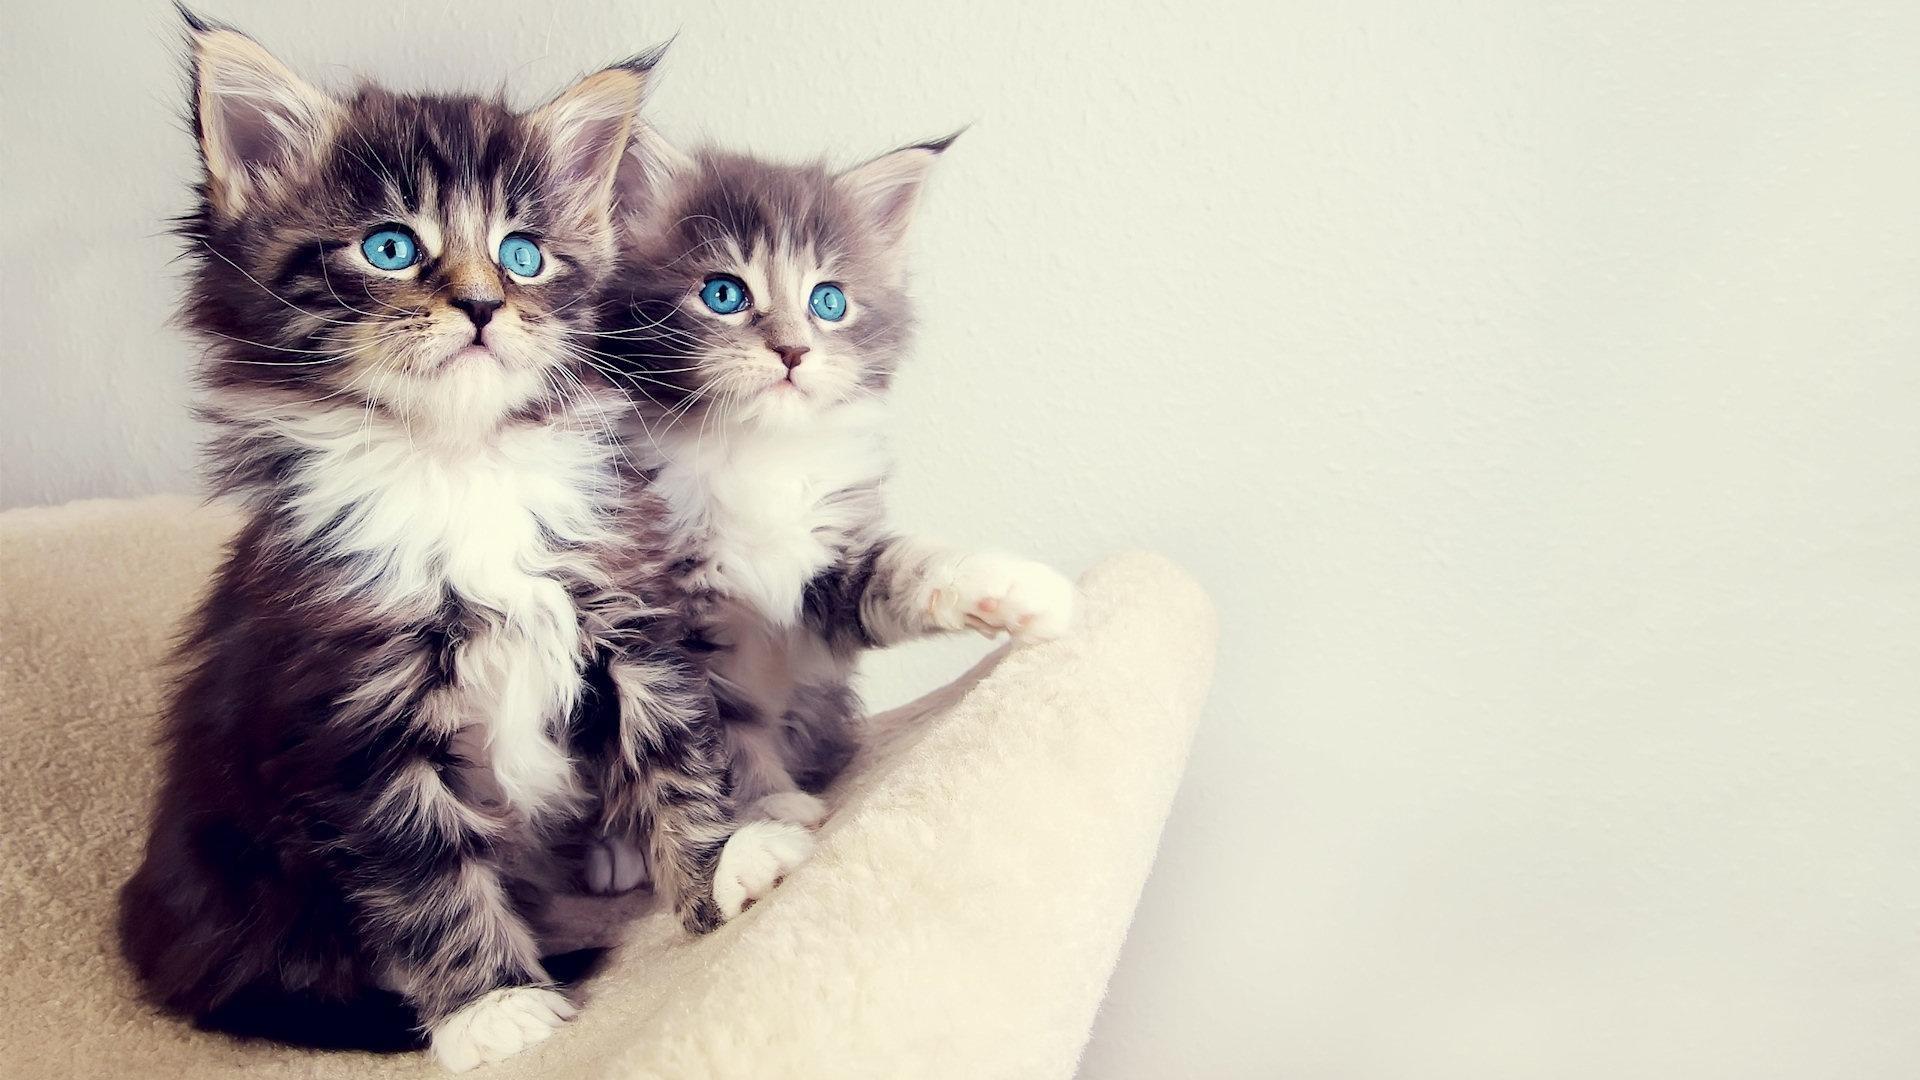 Cute kitten wallpapers wallpapertag - Kitten wallpaper ...